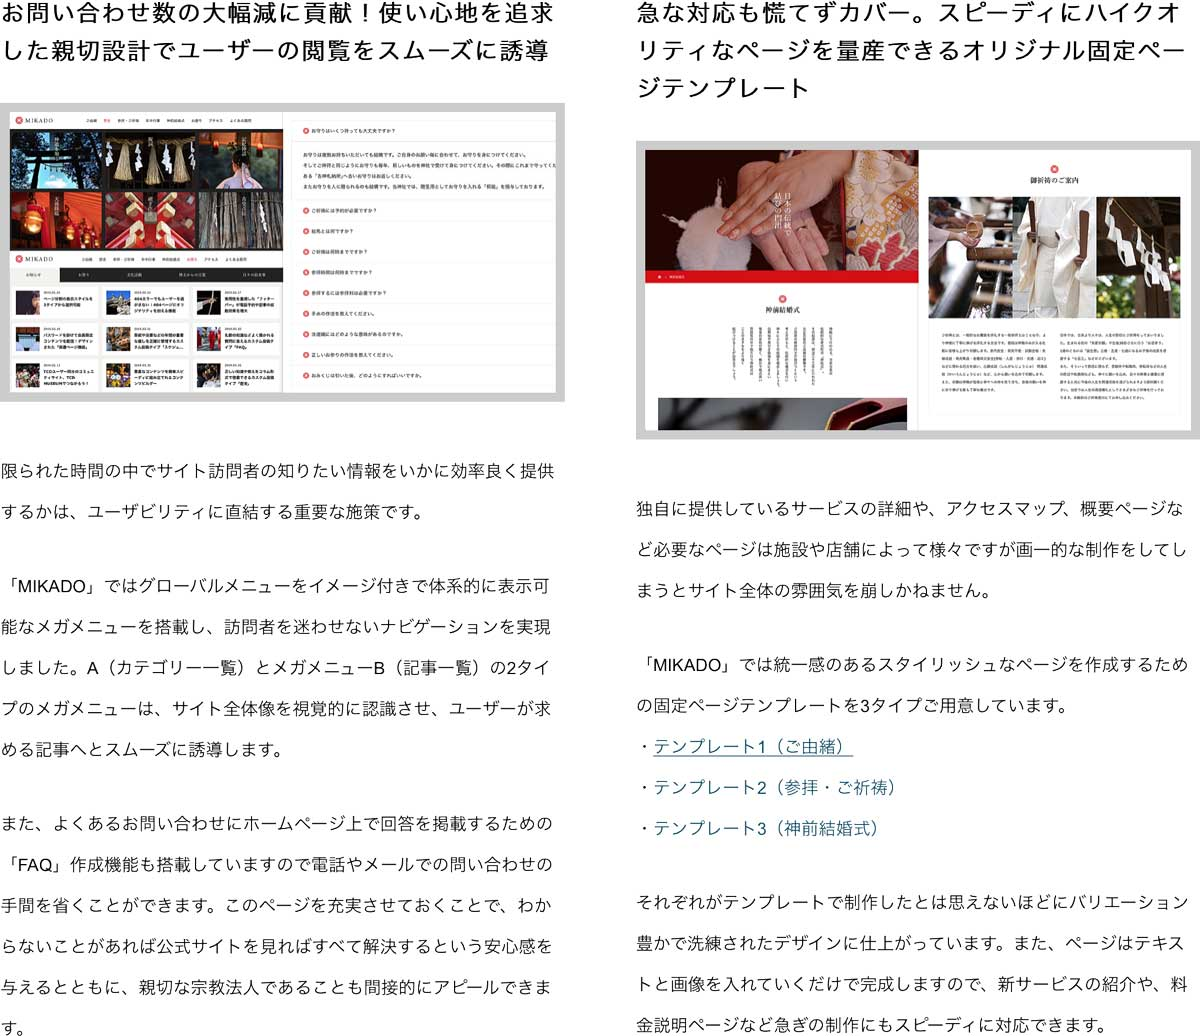 MIKADOは、神社や寺院をコンセプトにし、日本の美的感覚を表現したテーマ(WPテーマ、ワードプレステーマ) wordpress_free_themes_tcd071_04